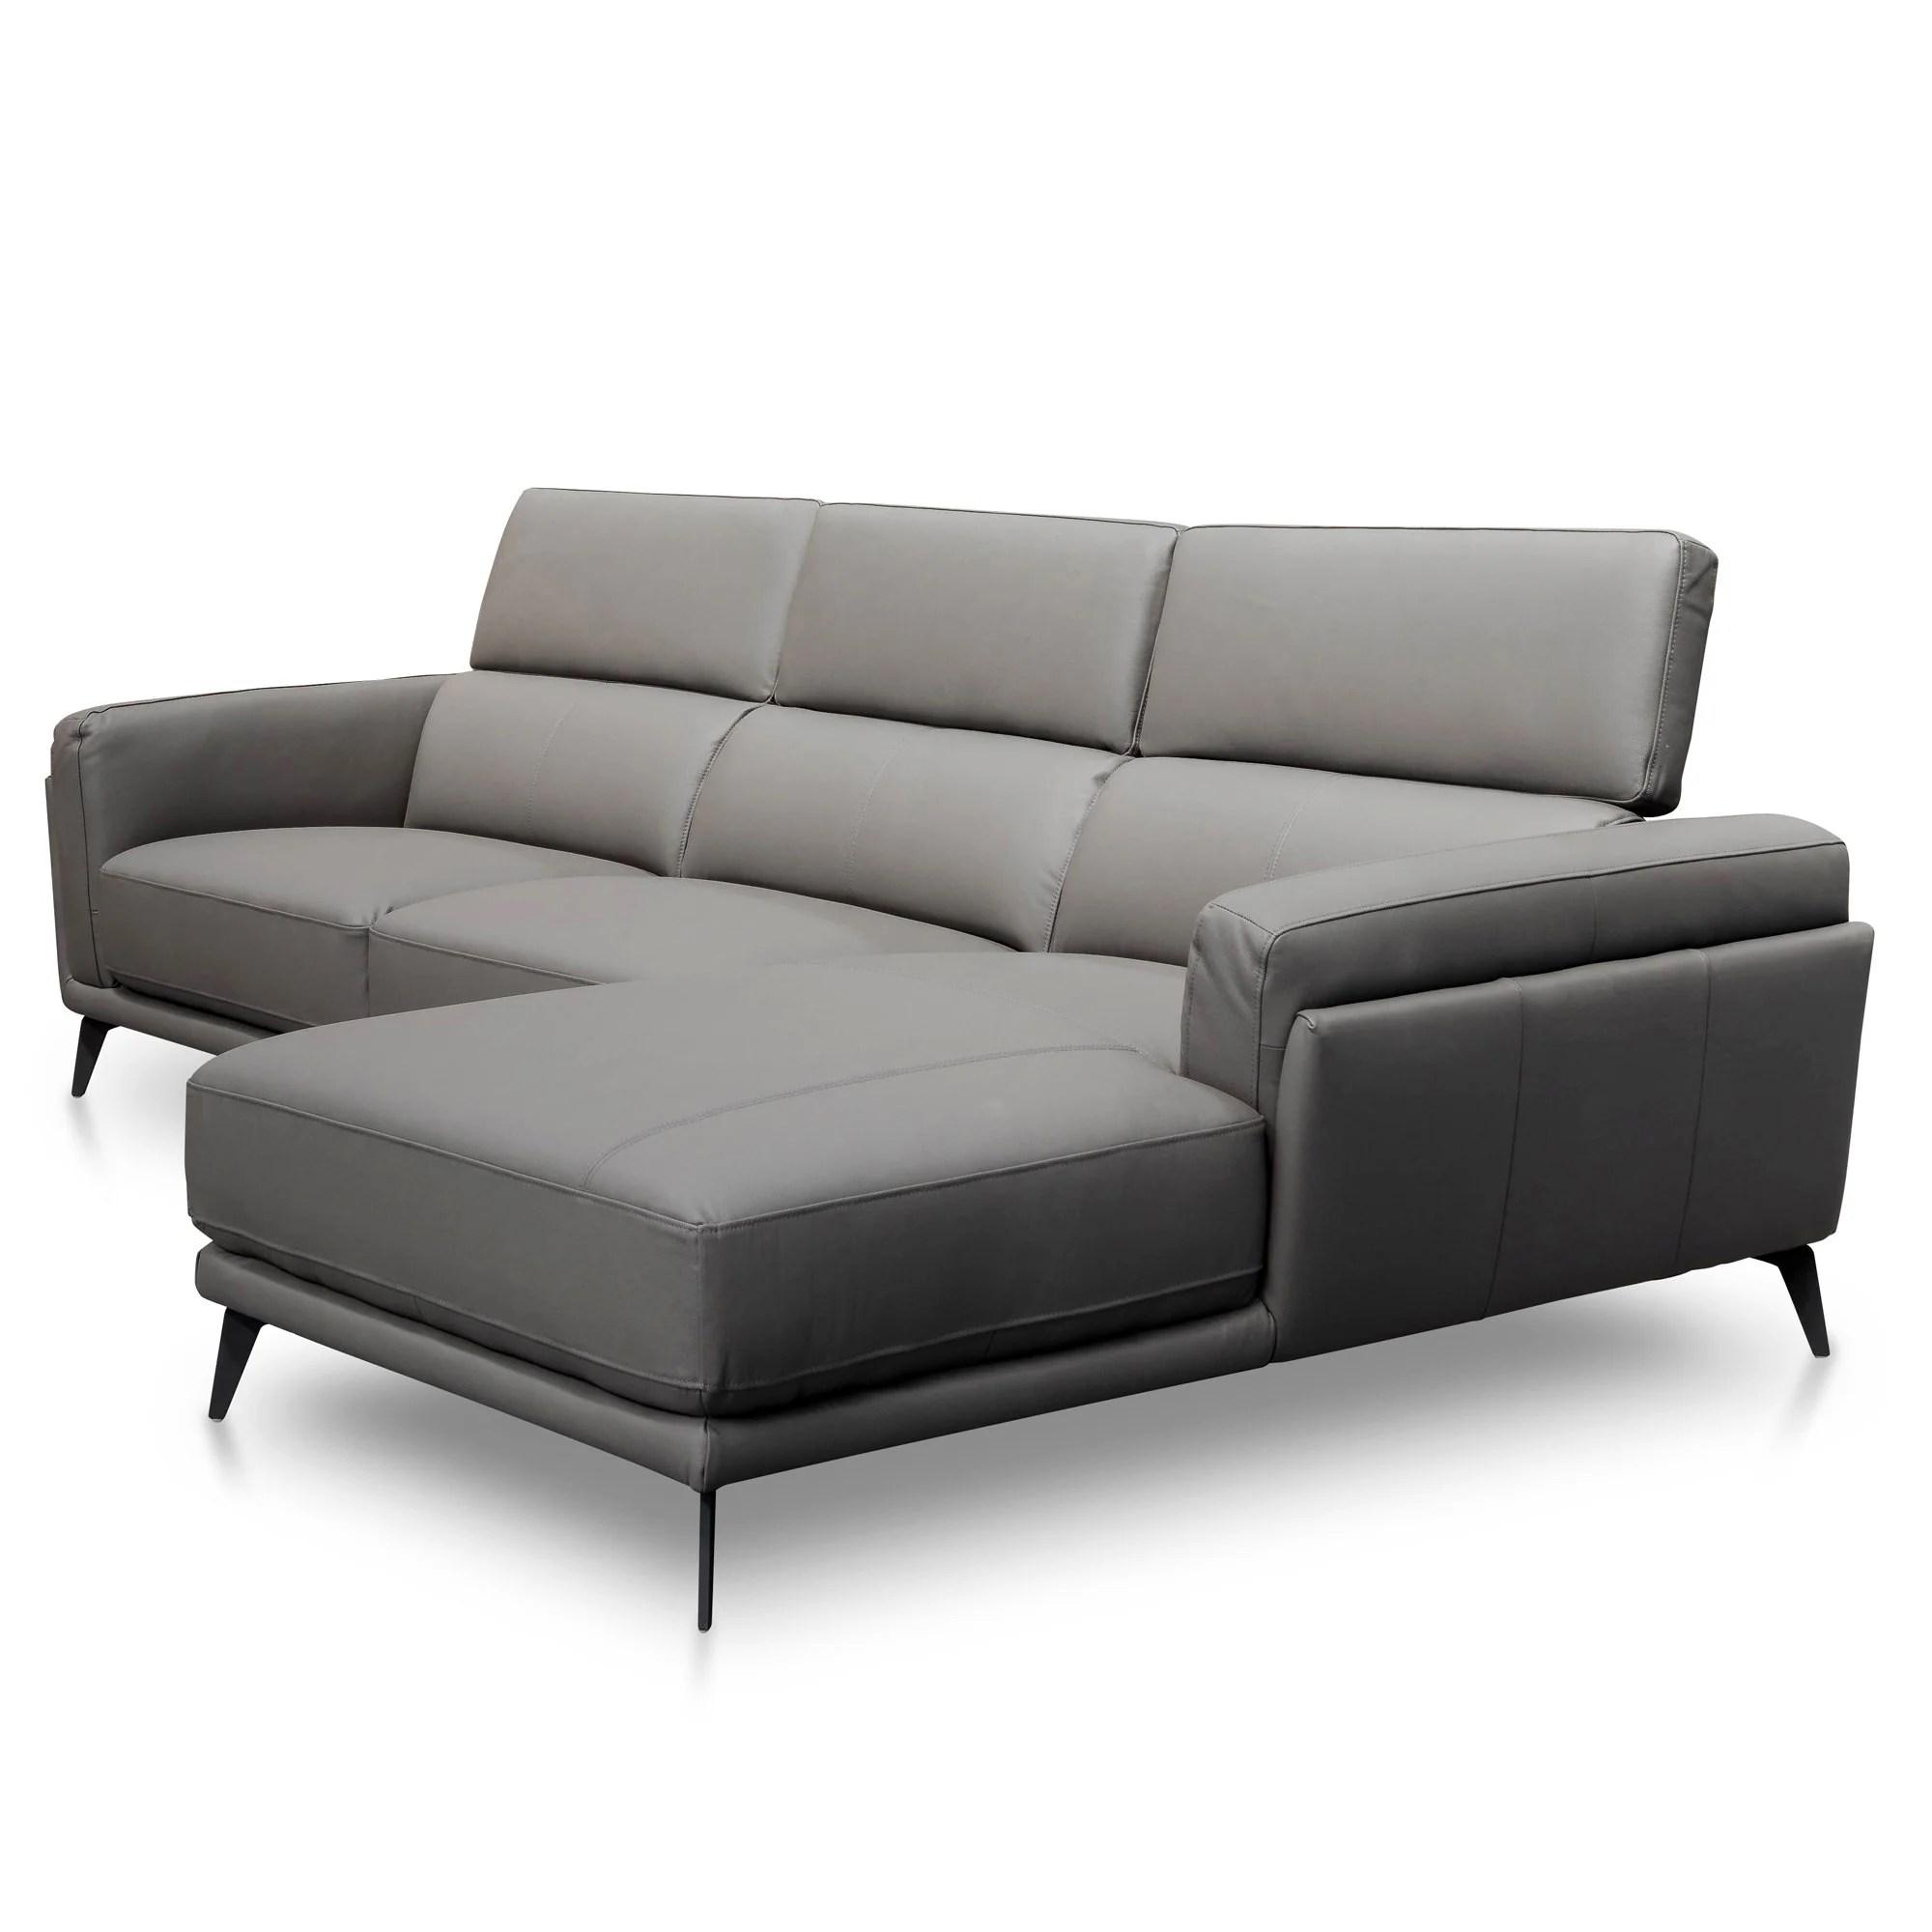 Mendoza 3 Seater Right Chaise Sofa Dark Grey Leather Interior Secrets